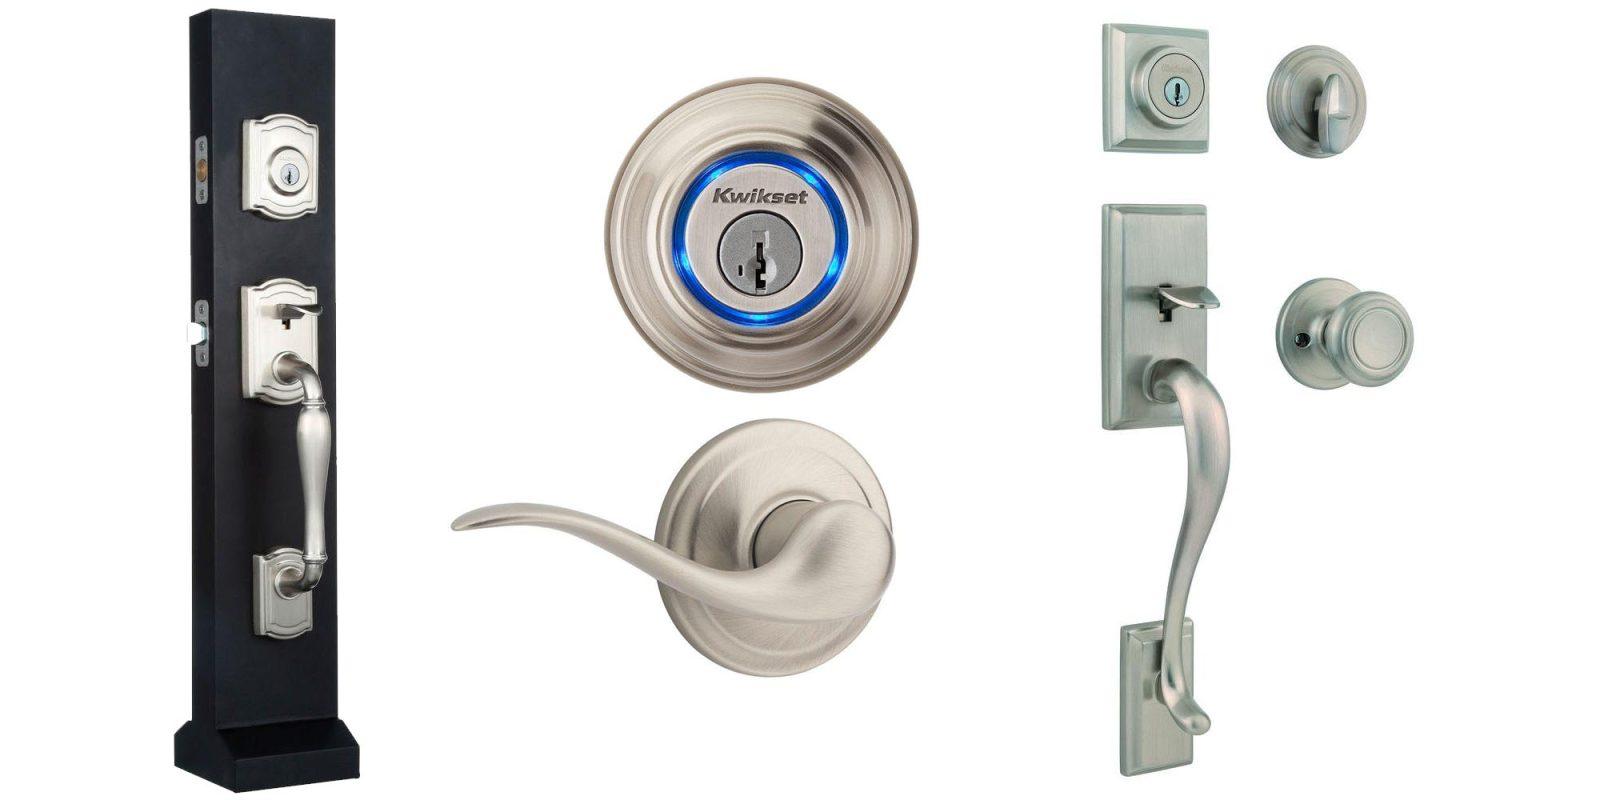 Home Depot Smart Lock Sale: Hawthorne Single Cylinder